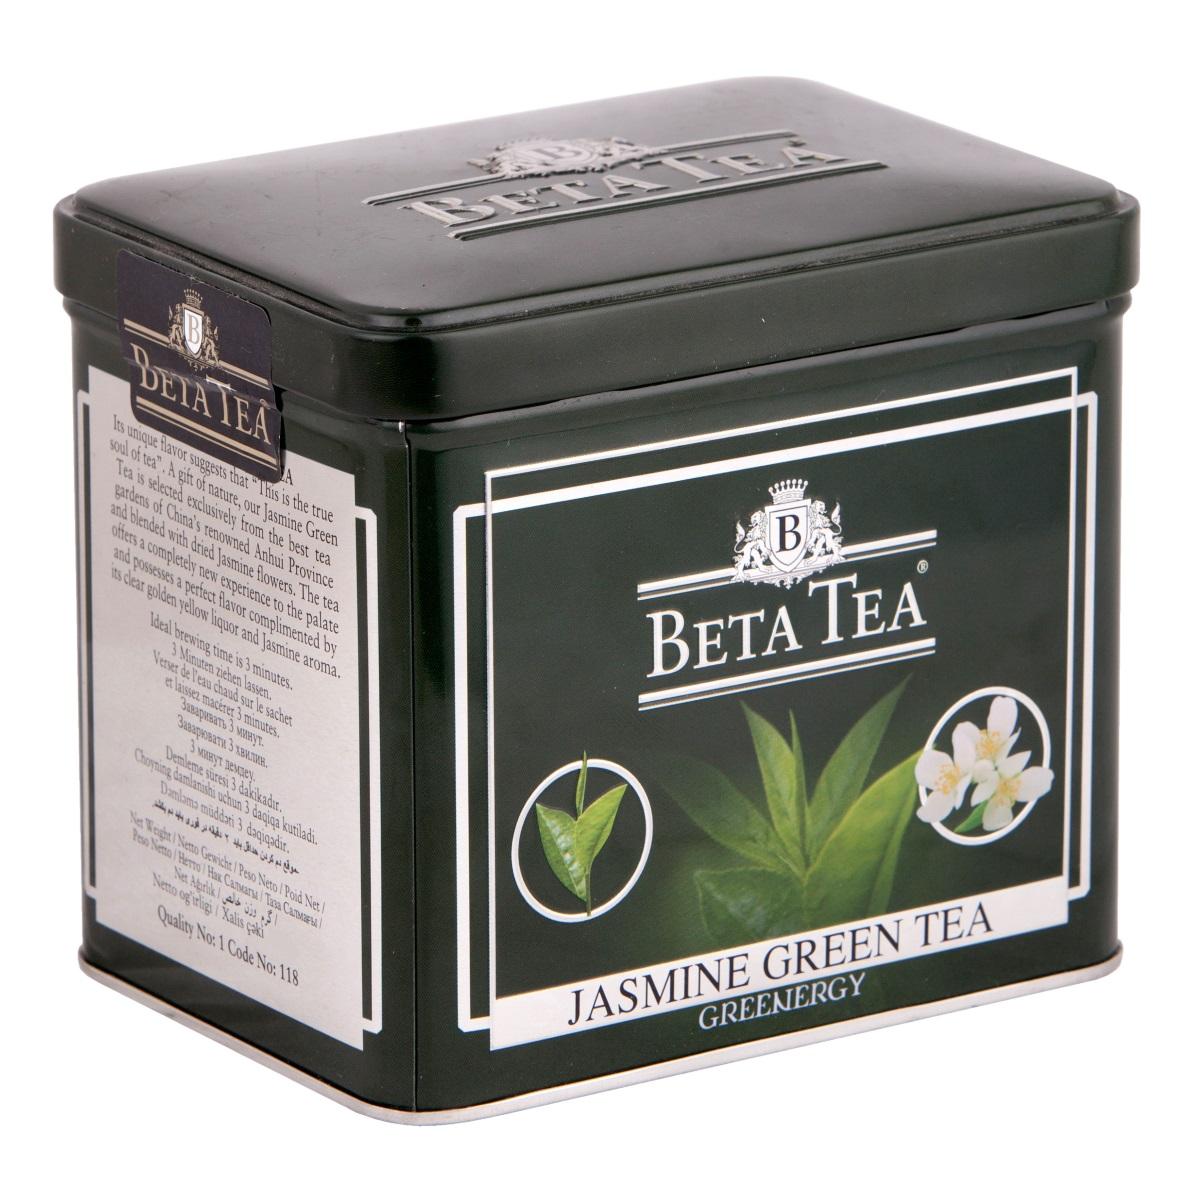 Beta Tea Зеленый с жасмином листовой чай, 100 г8690717004822Beta Tea предлагает вам насладиться целебными качествами зеленого чая с лепестками тропического жасмина, цветки которого собирают на горных склонах до восхода солнца, чтобы сохранить их нежный аромат. Настой обладает тонким цветочным ароматом и мягким вкусом.